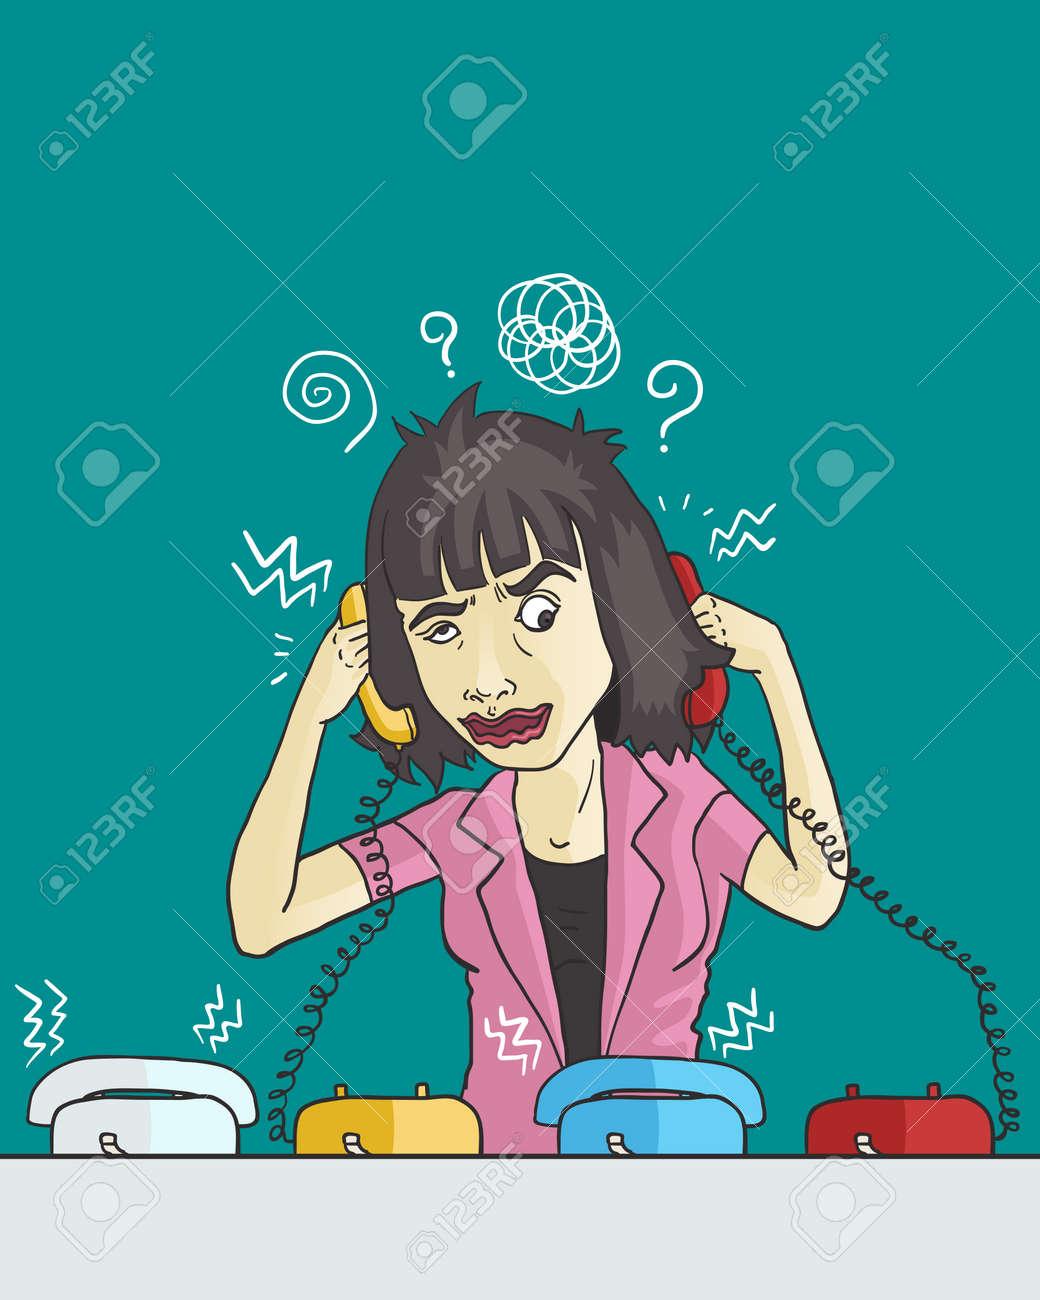 当惑の女性社員が電話に出るのイラスト素材・ベクタ - Image 73357507.